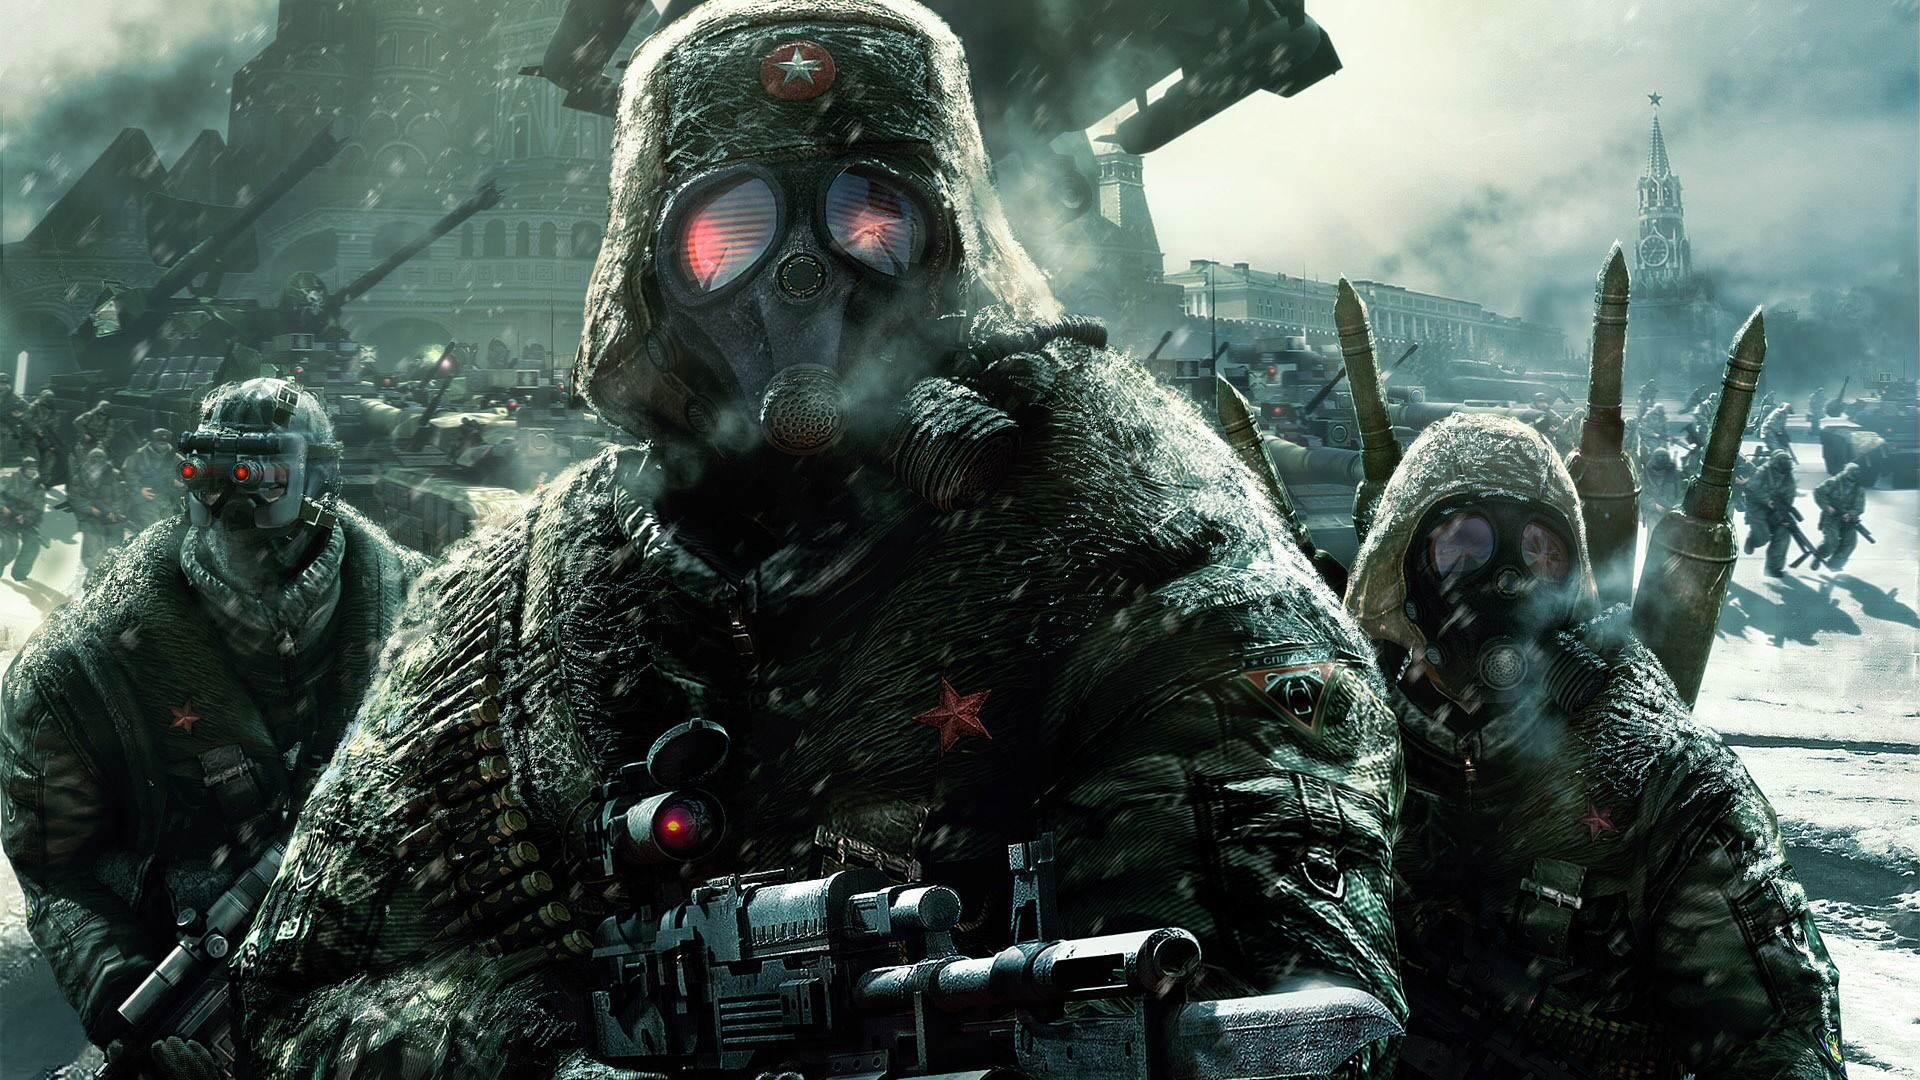 killzone-2-snow-helghast